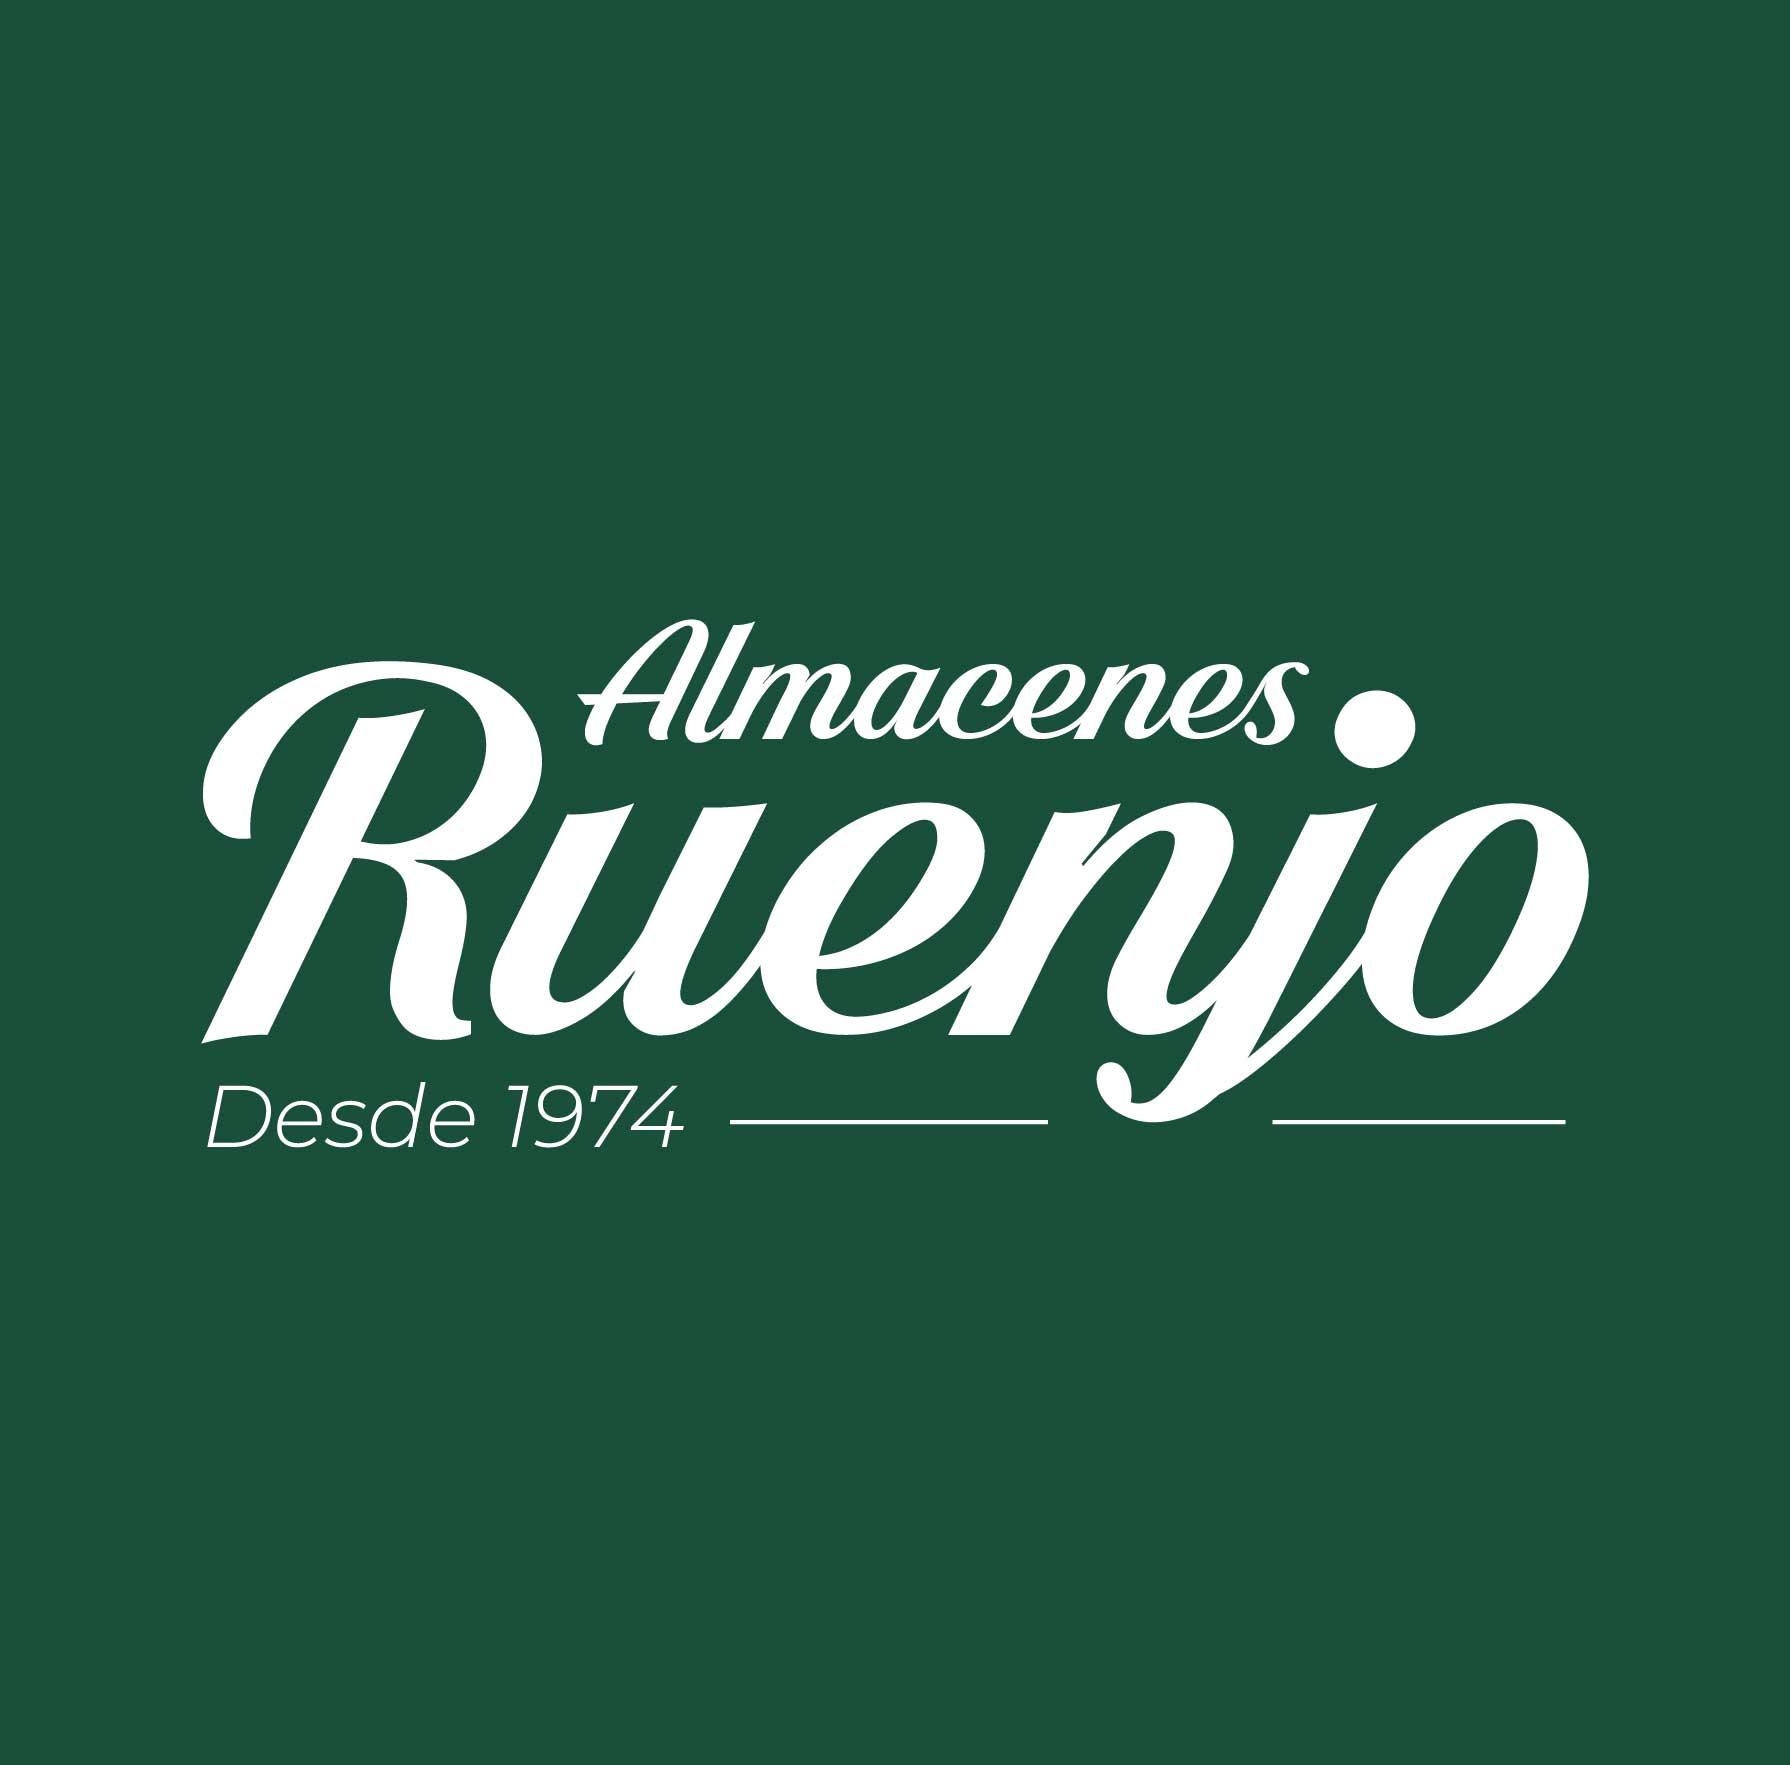 Diseño de logotipo para almacenes